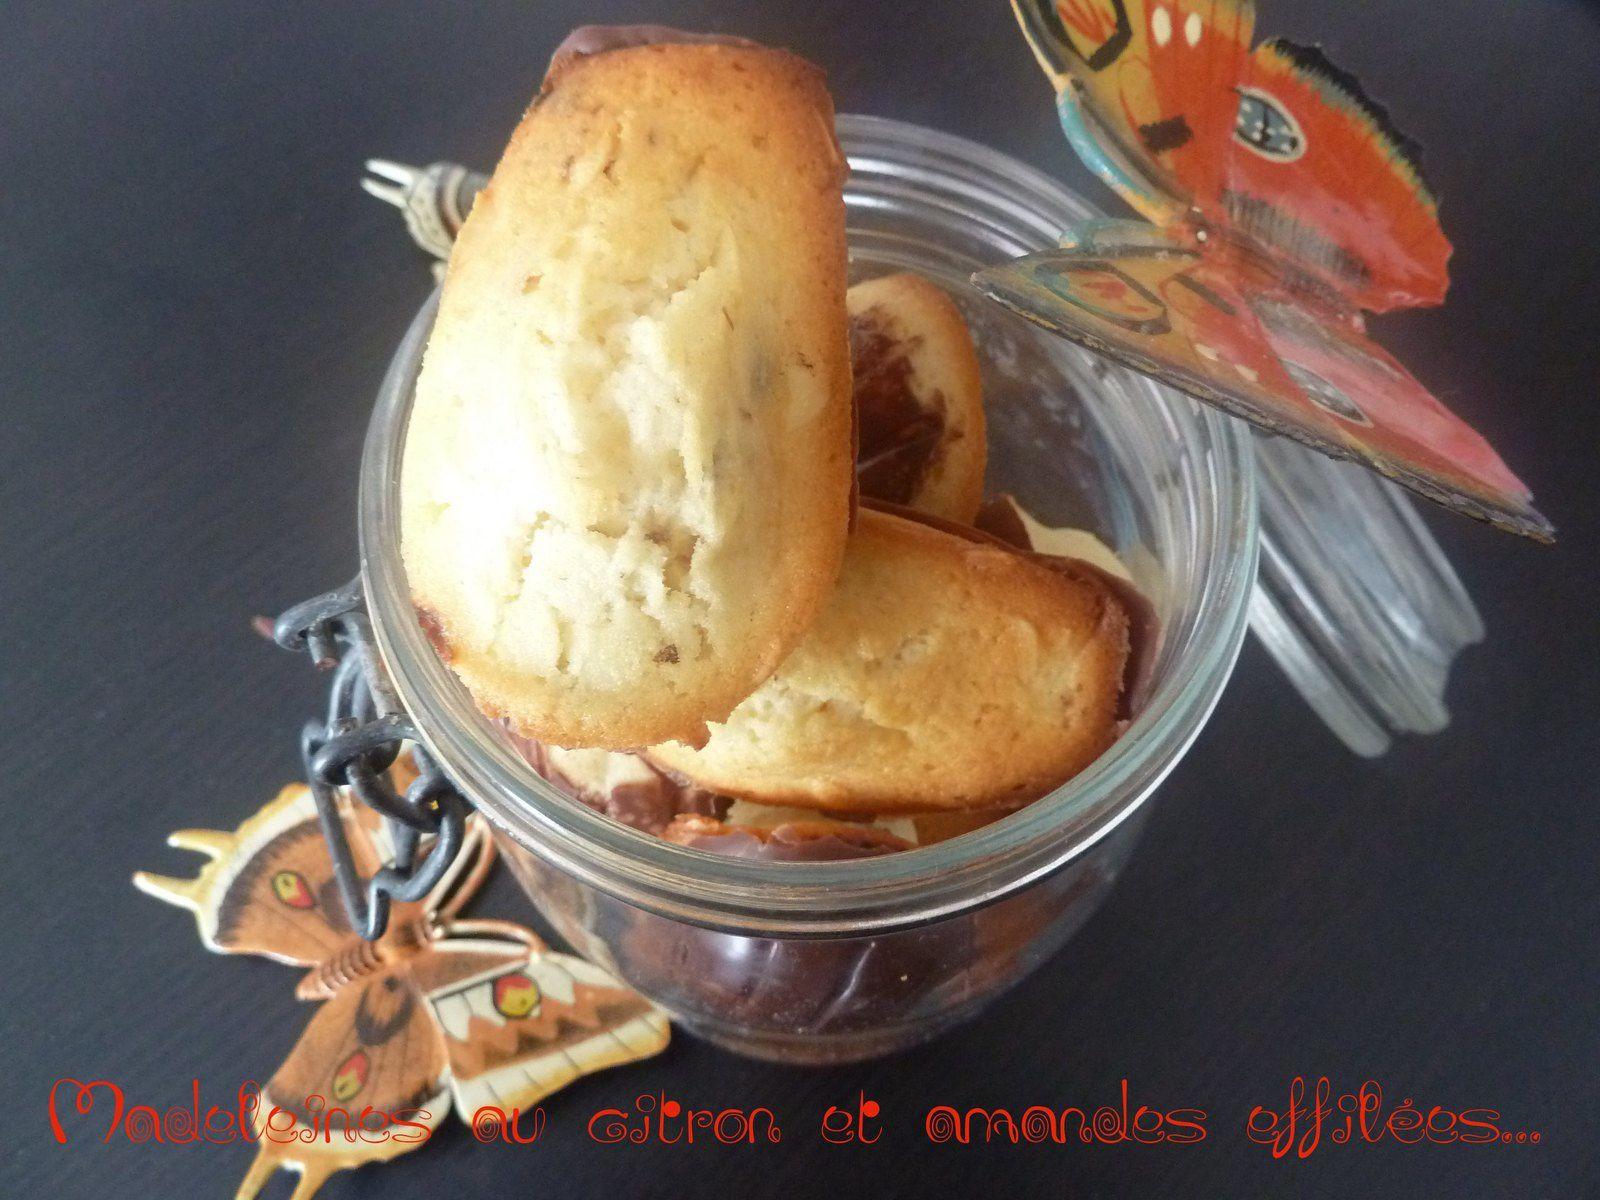 Madeleines au citron, amandes éffilées et nappage chocolat (on n'est pas à une gourmandise près!!)